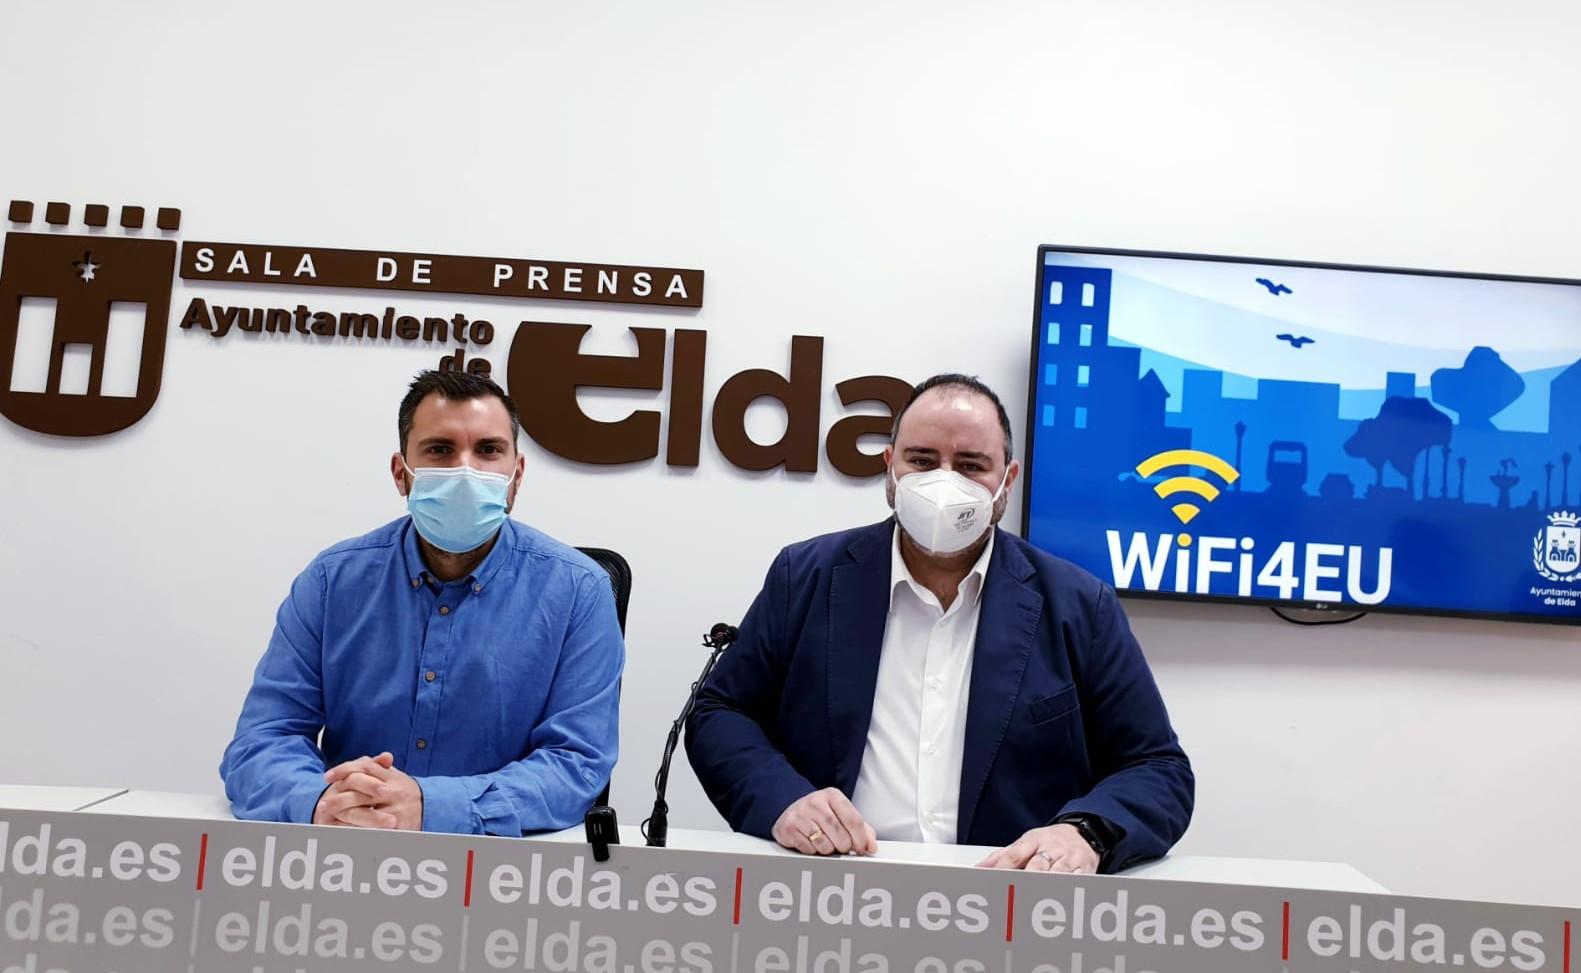 El Ayuntamiento de Elda abre un proceso de participación para que la ciudadanía elija las plazas en las que se instalará wifi gratuito